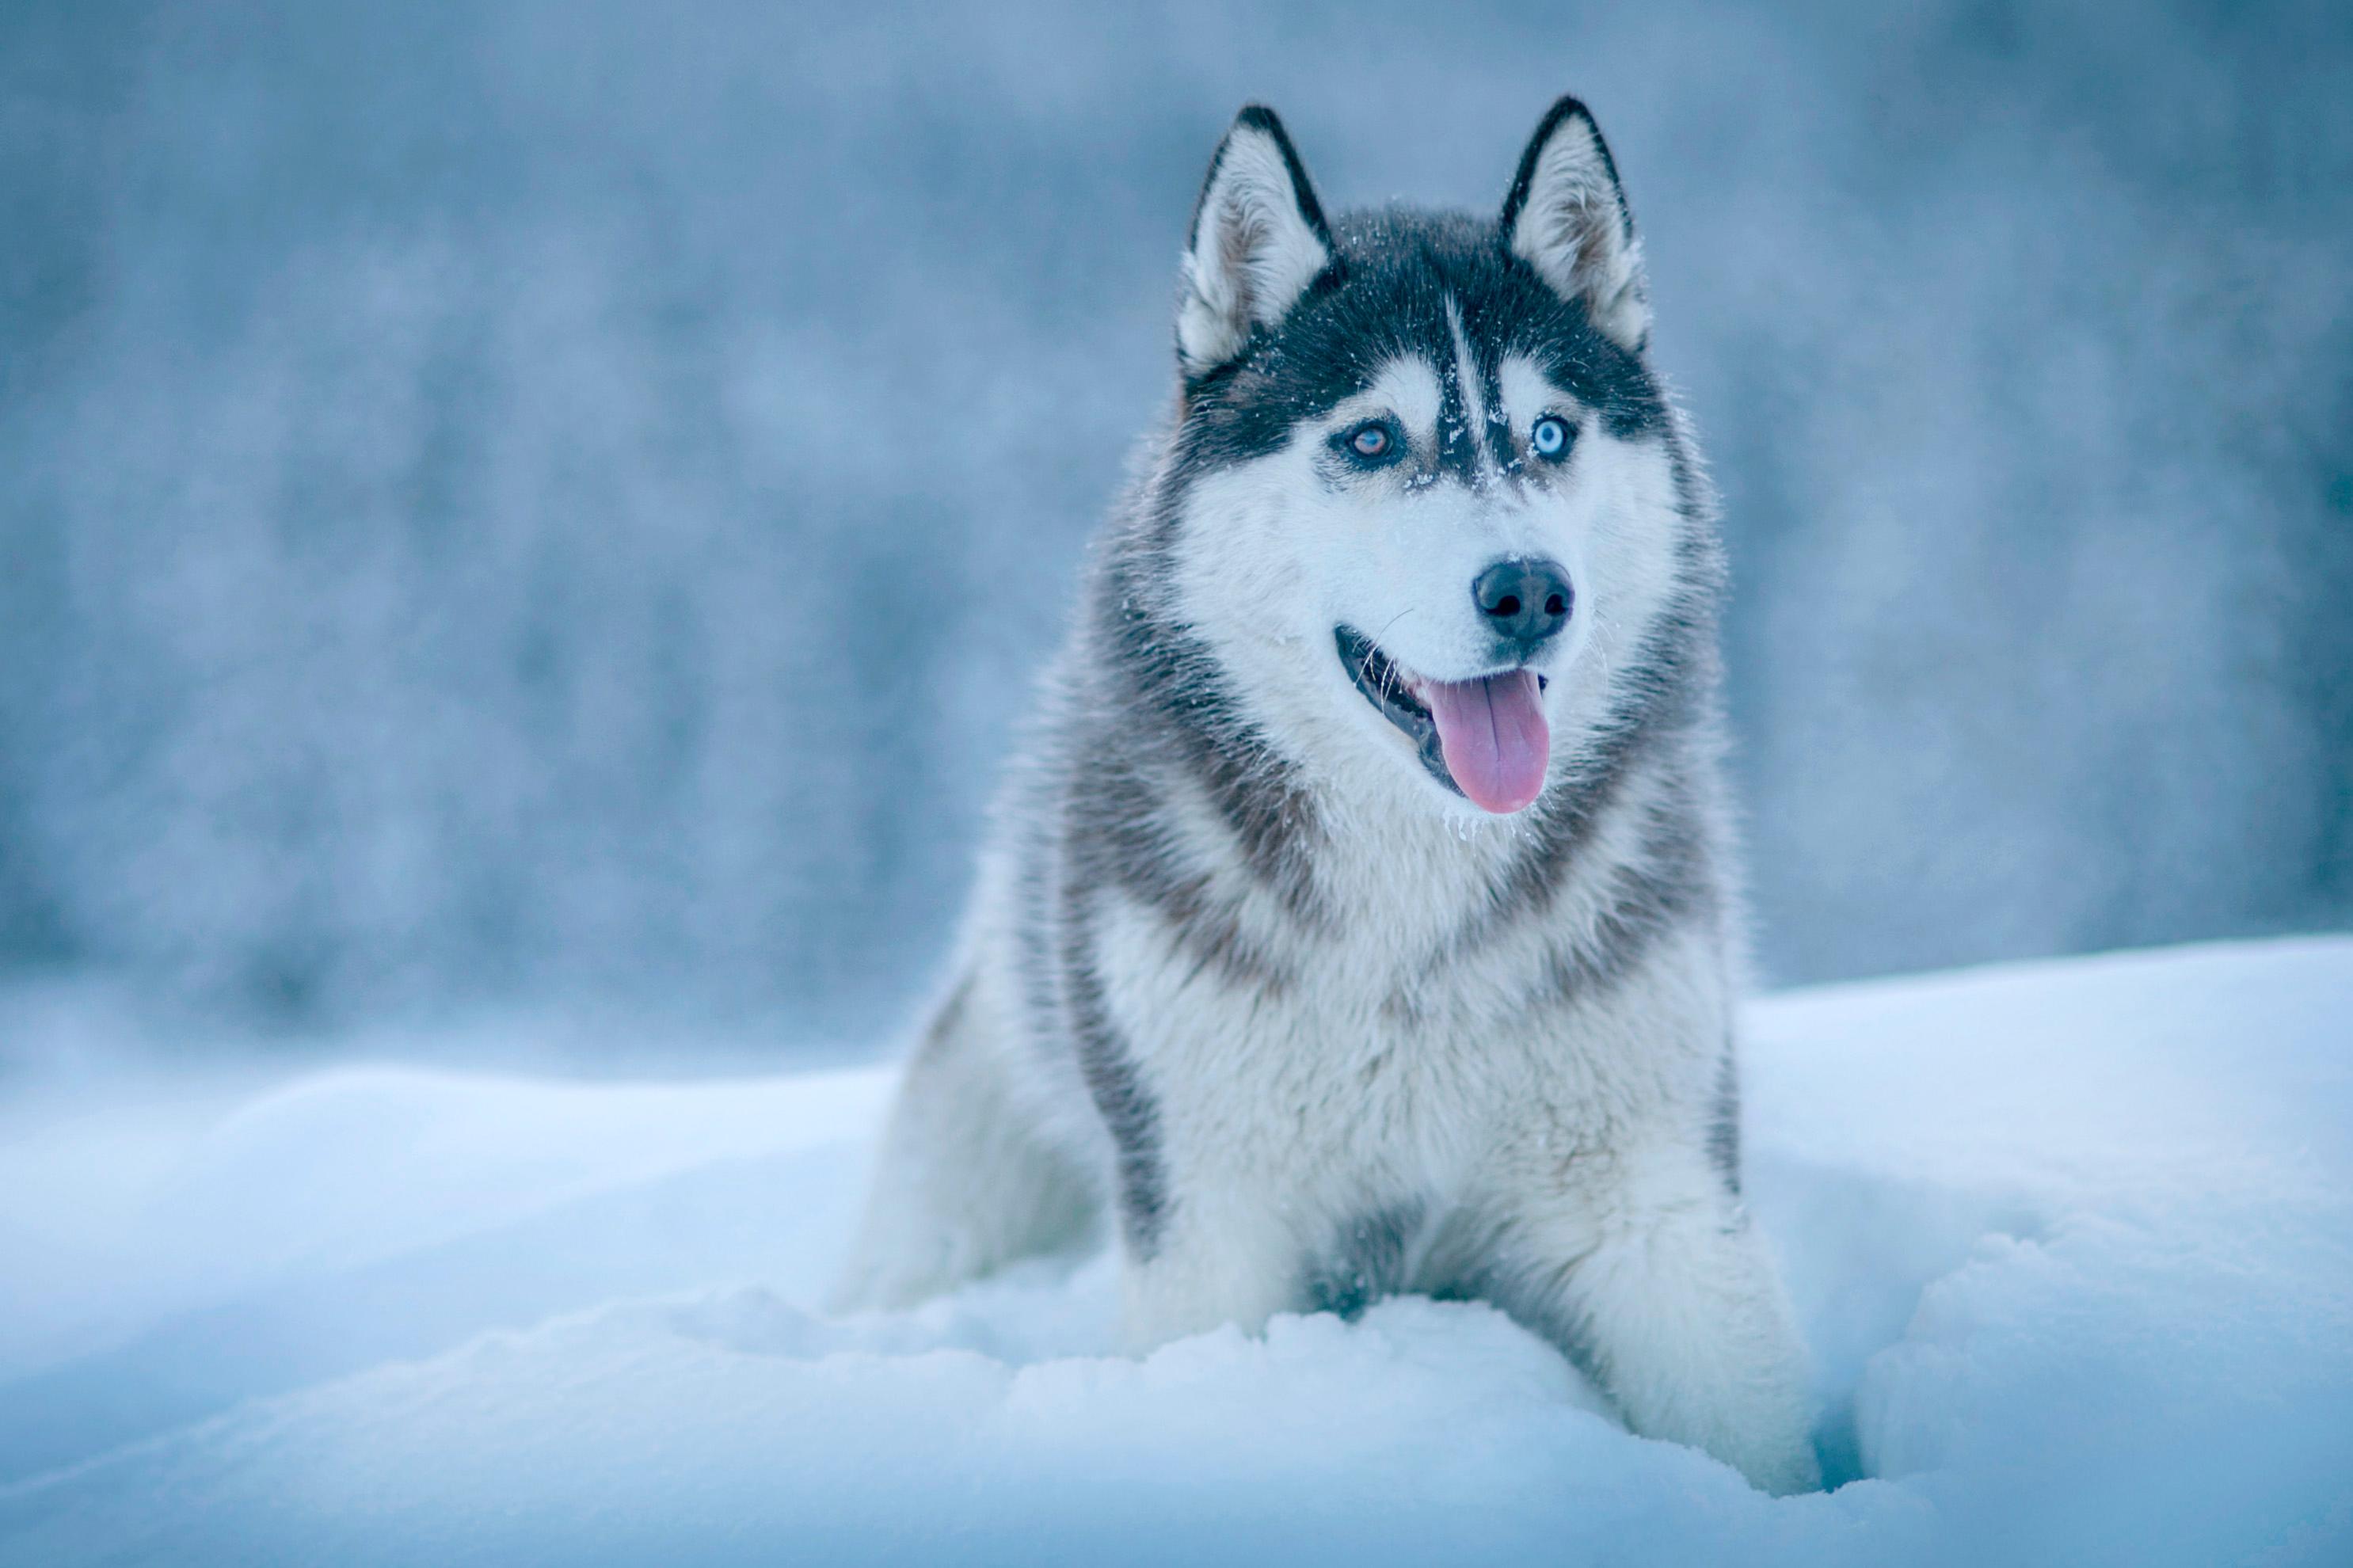 картинки хаски зима википедии есть статьи